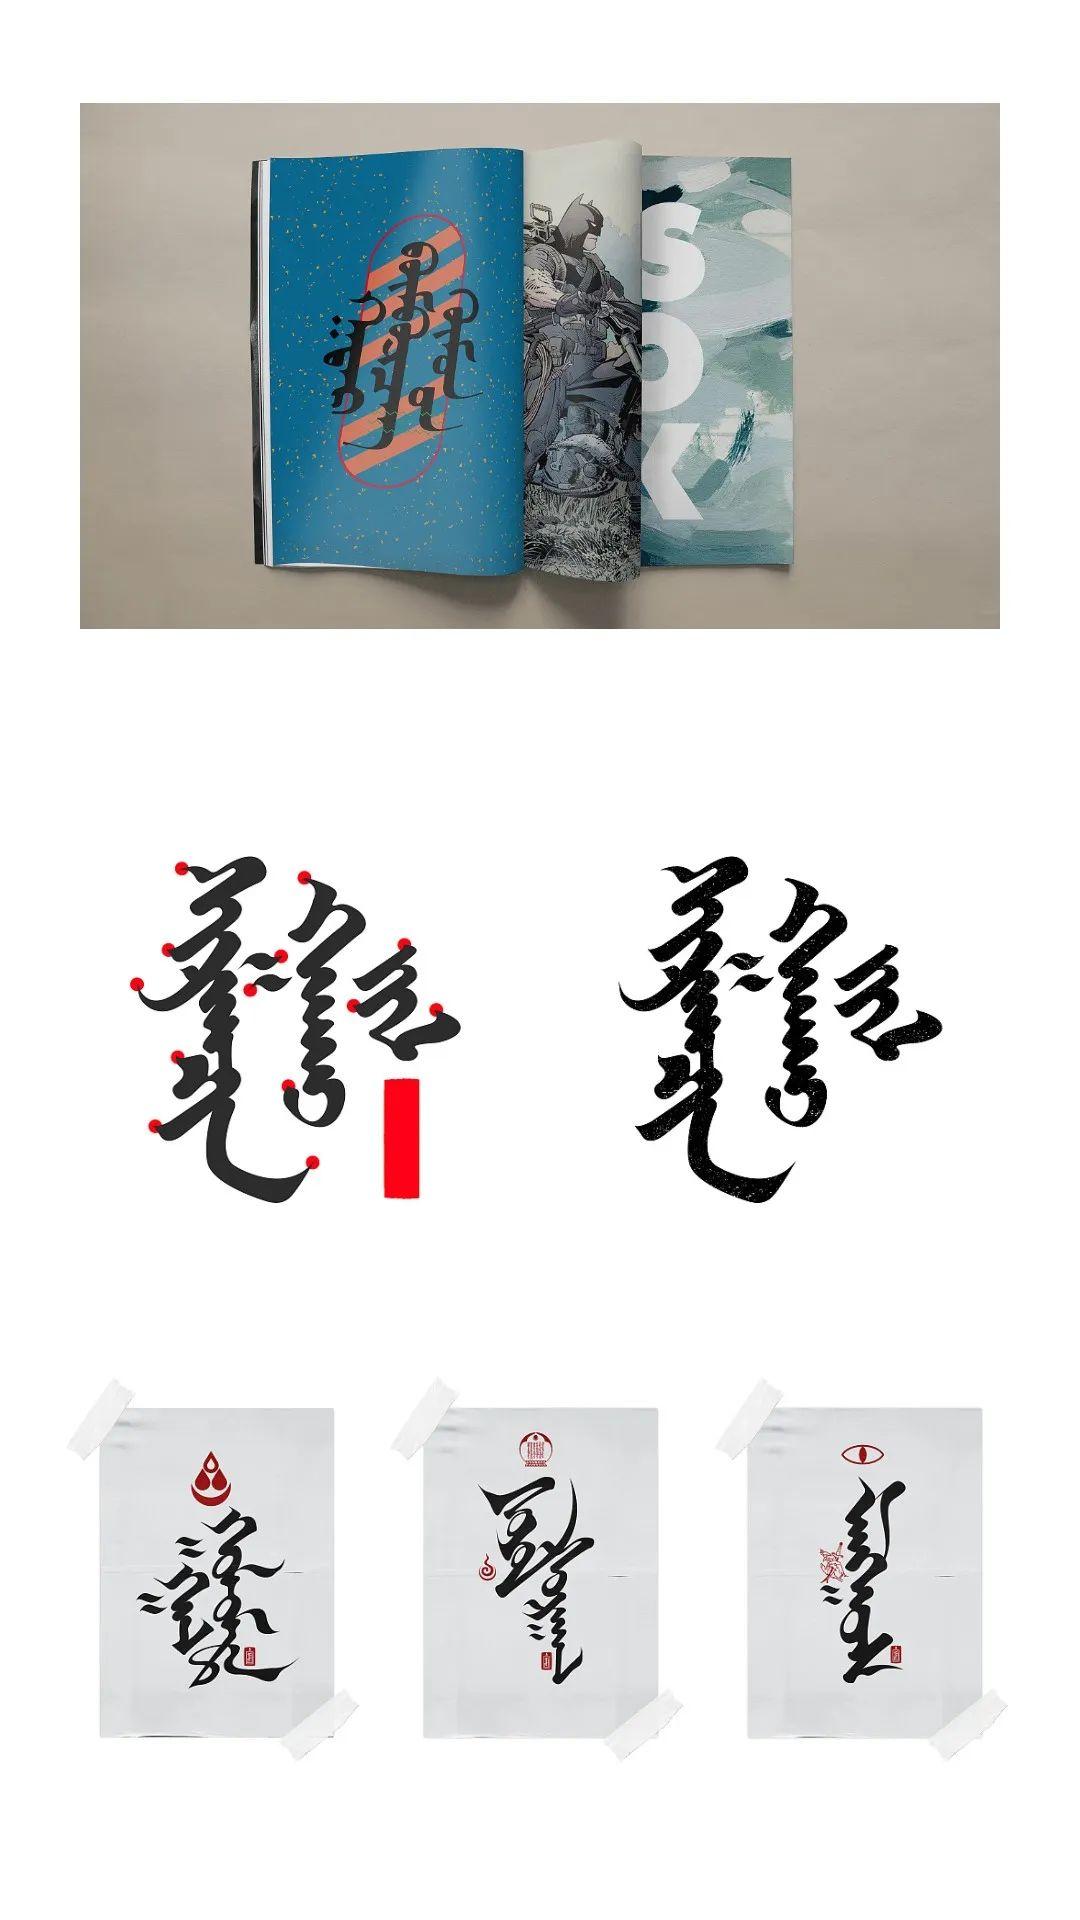 超赞的蒙元素设计-看完马上收藏 #Hotoch-Design#设计案例 第15张